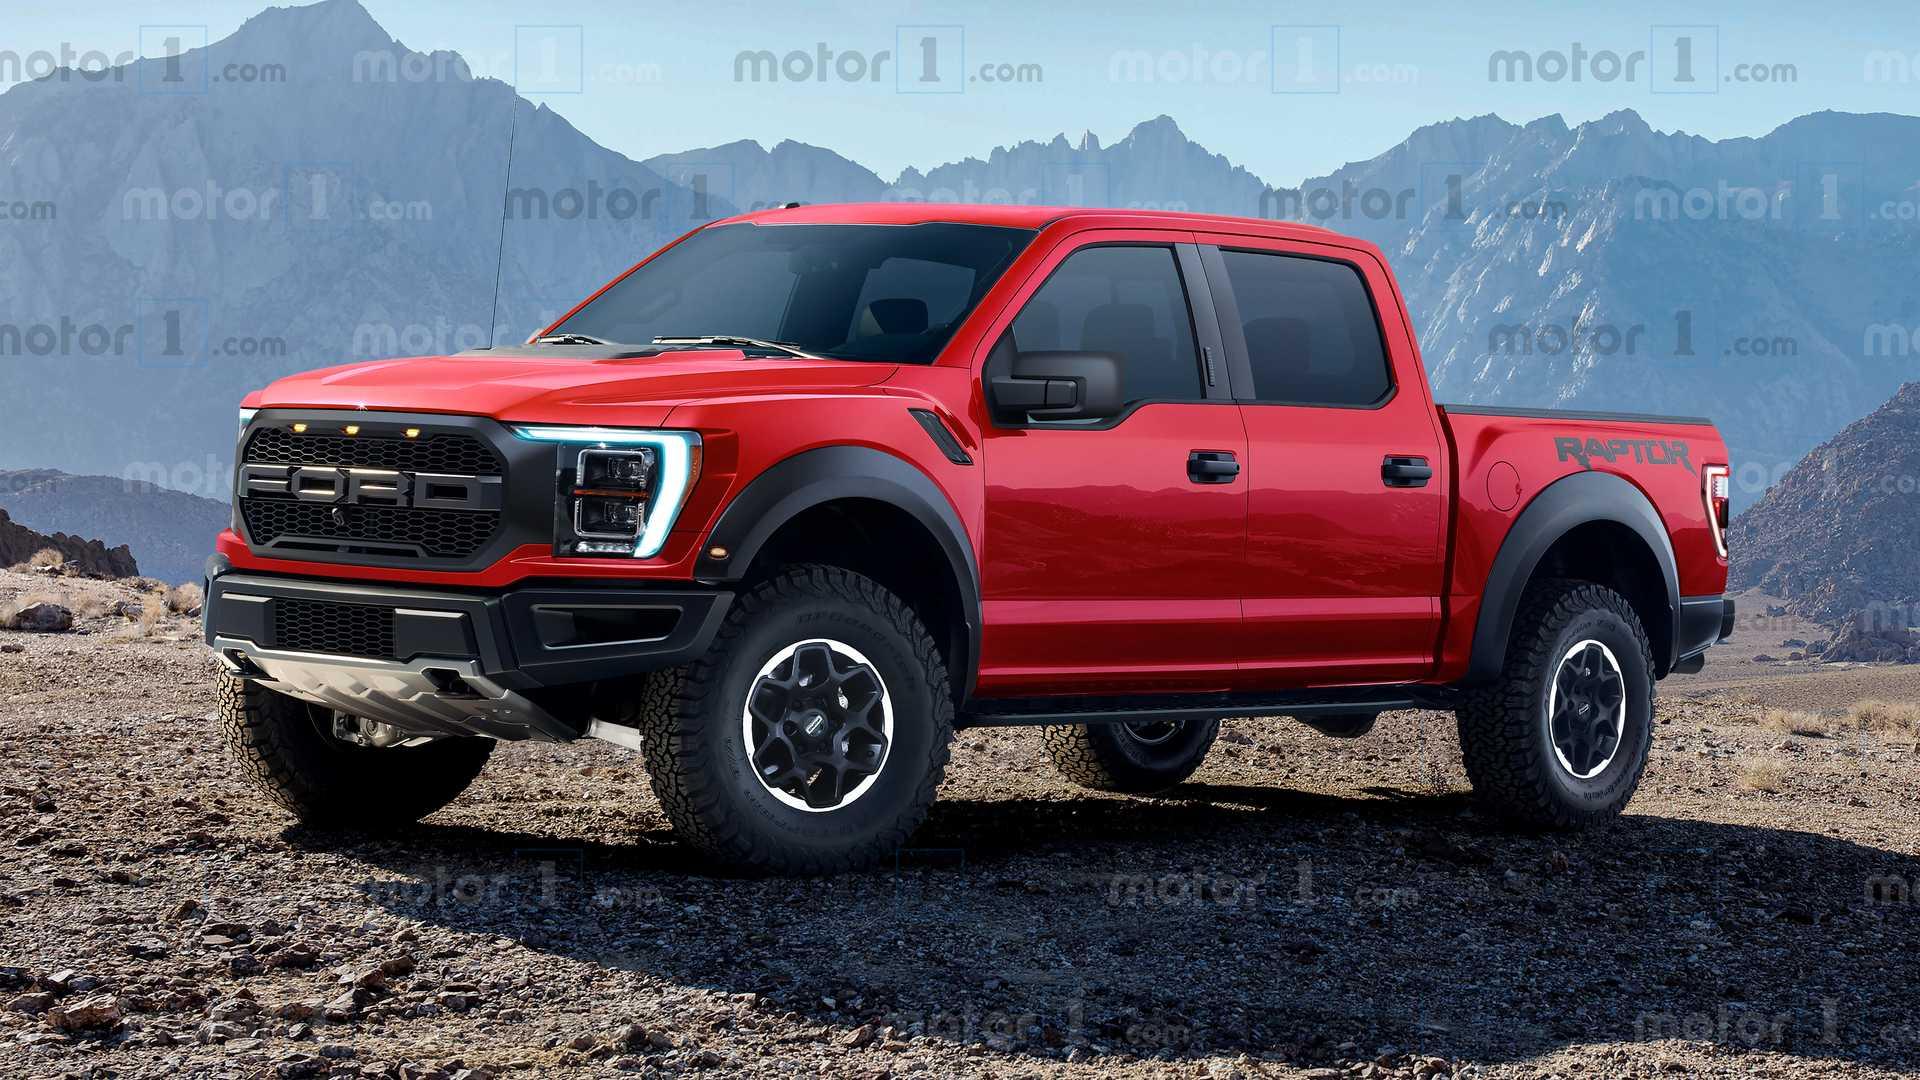 Diesel Ford Ranger >> 2022 F150 Raptor Imagined More in Renderings | 2021+ Ford ...